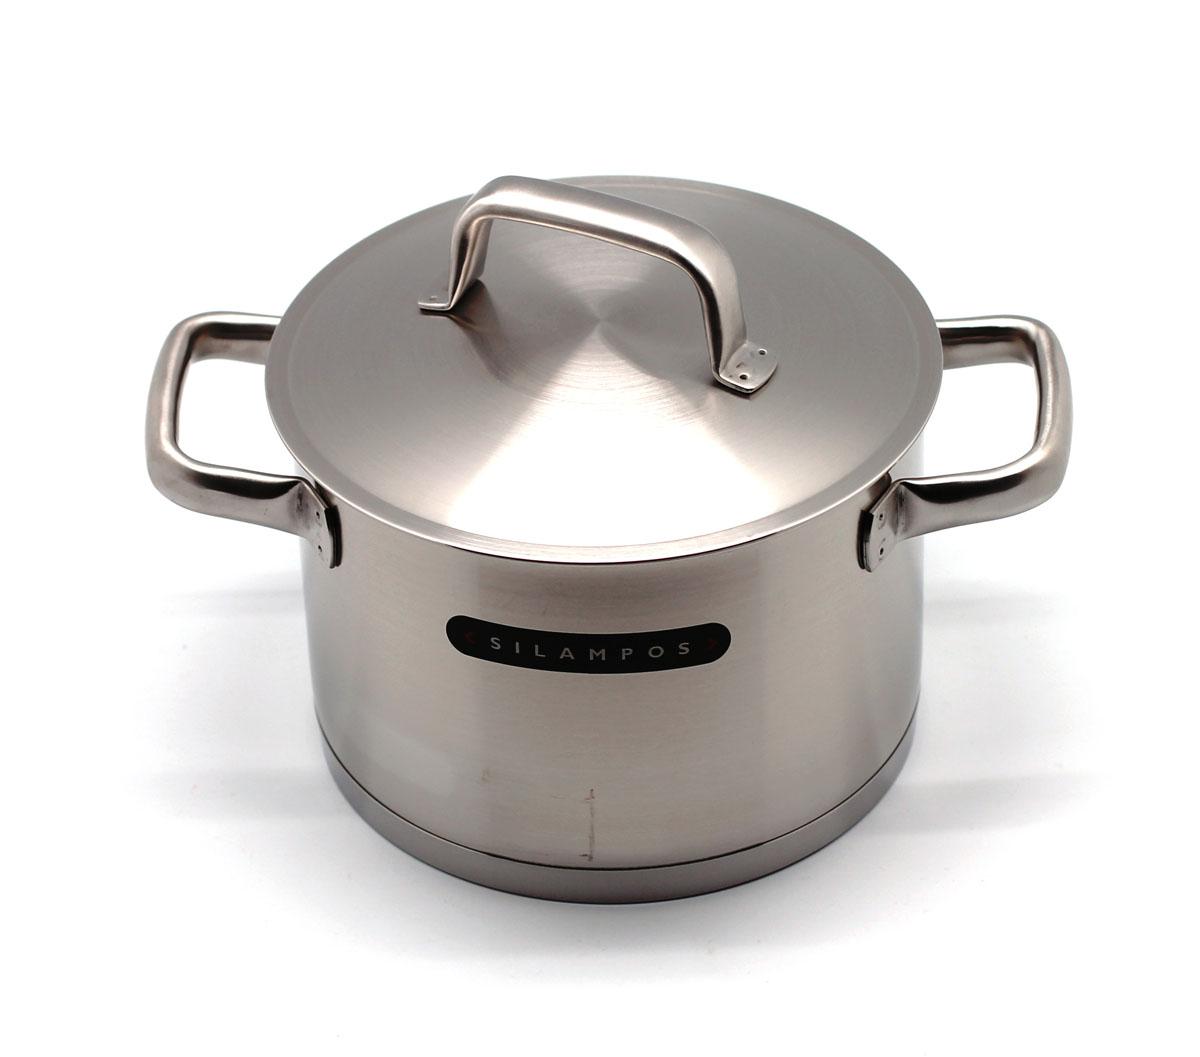 Кастрюля Silampos Move, цвет: металл, диаметр 22 см, 5,25 л. 63D124CY662293-STv-01Кастрюля Silampos Move изготовлена из высококачественной нержавеющей стали с матовой полировкой. Термическое дно выдерживает температуру до двух раз превосходящую максимальную температуру, необходимую для приготовления пищи. Изделие оснащено прочными стальными ручками. Специальные изогнутые бортики посуды обеспечивают легкое и аккуратное выливание жидкости. Крышка, выполненная из нержавеющей стали, плотно прилегает к краю посуды.Кастрюлю можно использовать на всех типах плит, включая индукционные. Можно мыть в посудомоечной машине.Посуда Silampos производится с использованием самых последних достижений в области производства изделий из нержавеющей стали. Алюминиевый диск инкапсулируется между дном кастрюли и защитной оболочкой из нержавеющей стали под давлением 1500 тонн. Этот высокотехнологичный процесс устраняет необходимость обычной сварки, ахиллесовой пяты многих производителей товаров из нержавеющей стали. Вместо того, чтобы сваривать две металлические детали вместе, этот процесс соединяет алюминий и нержавеющей стали в единое целое. Метод полной инкапсуляции позволяет с абсолютной надежностью покрыть алюминиевый диск нержавеющей сталью. Это делает невозможным контакт алюминиевого диска с открытым огнем и активной средой некоторых моющий средств. Посуда Silampos является лауреатом многочисленных Португальских и Европейских конкурсов, и по праву сохраняет лидирующие позиции на рынке кухонной посуды в Европе и мире.Посуда изготовлена из нержавеющей стали с добавлением 18% хрома и 10% никеля. Посуду можно мыть в посудомоечной машине, использовать на всех видах плит (газовые, электрических, керамических и индукционных). Оснащена специальным алюминиевым диском - Impact Disk, разработанным с применением передовой технологии соединения диска с дном кастрюли и защитной оболочкой из нержавеющей стали под высоким давлением. Выдерживают температуру до 600°С. Использование алюминиевого жарора